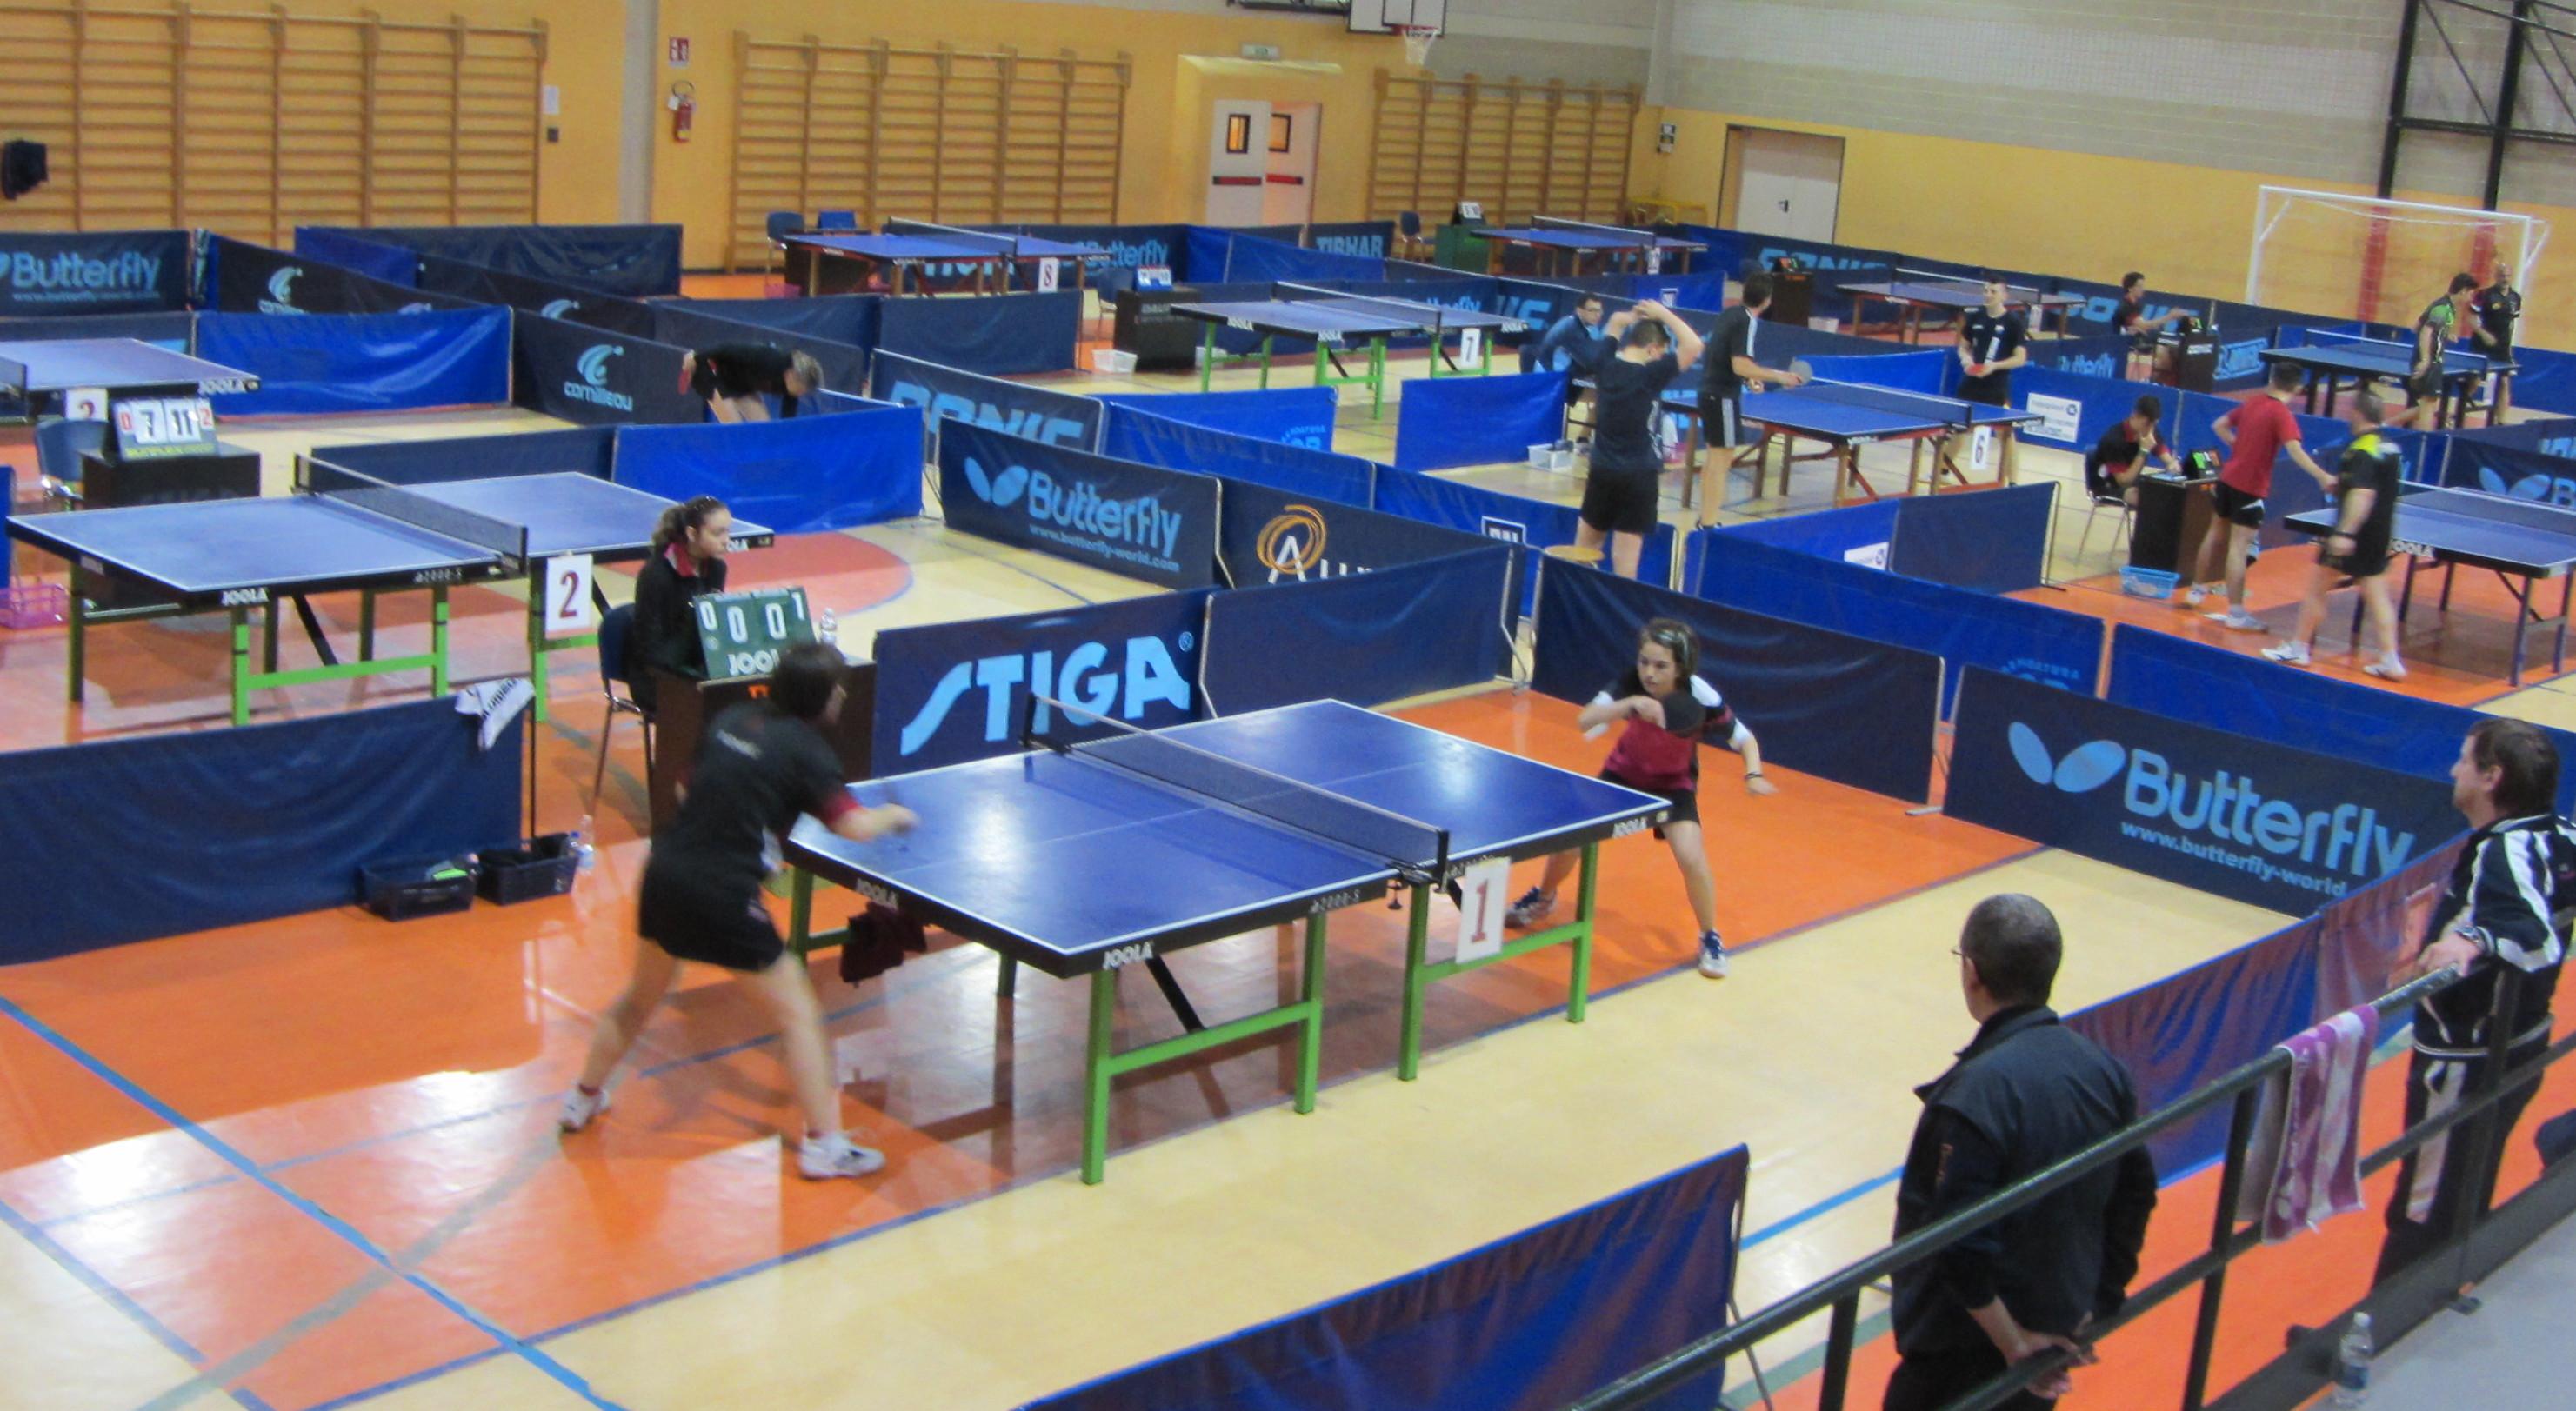 Campionati Regionali Biella 3-5-15 panoramica del campo di gara